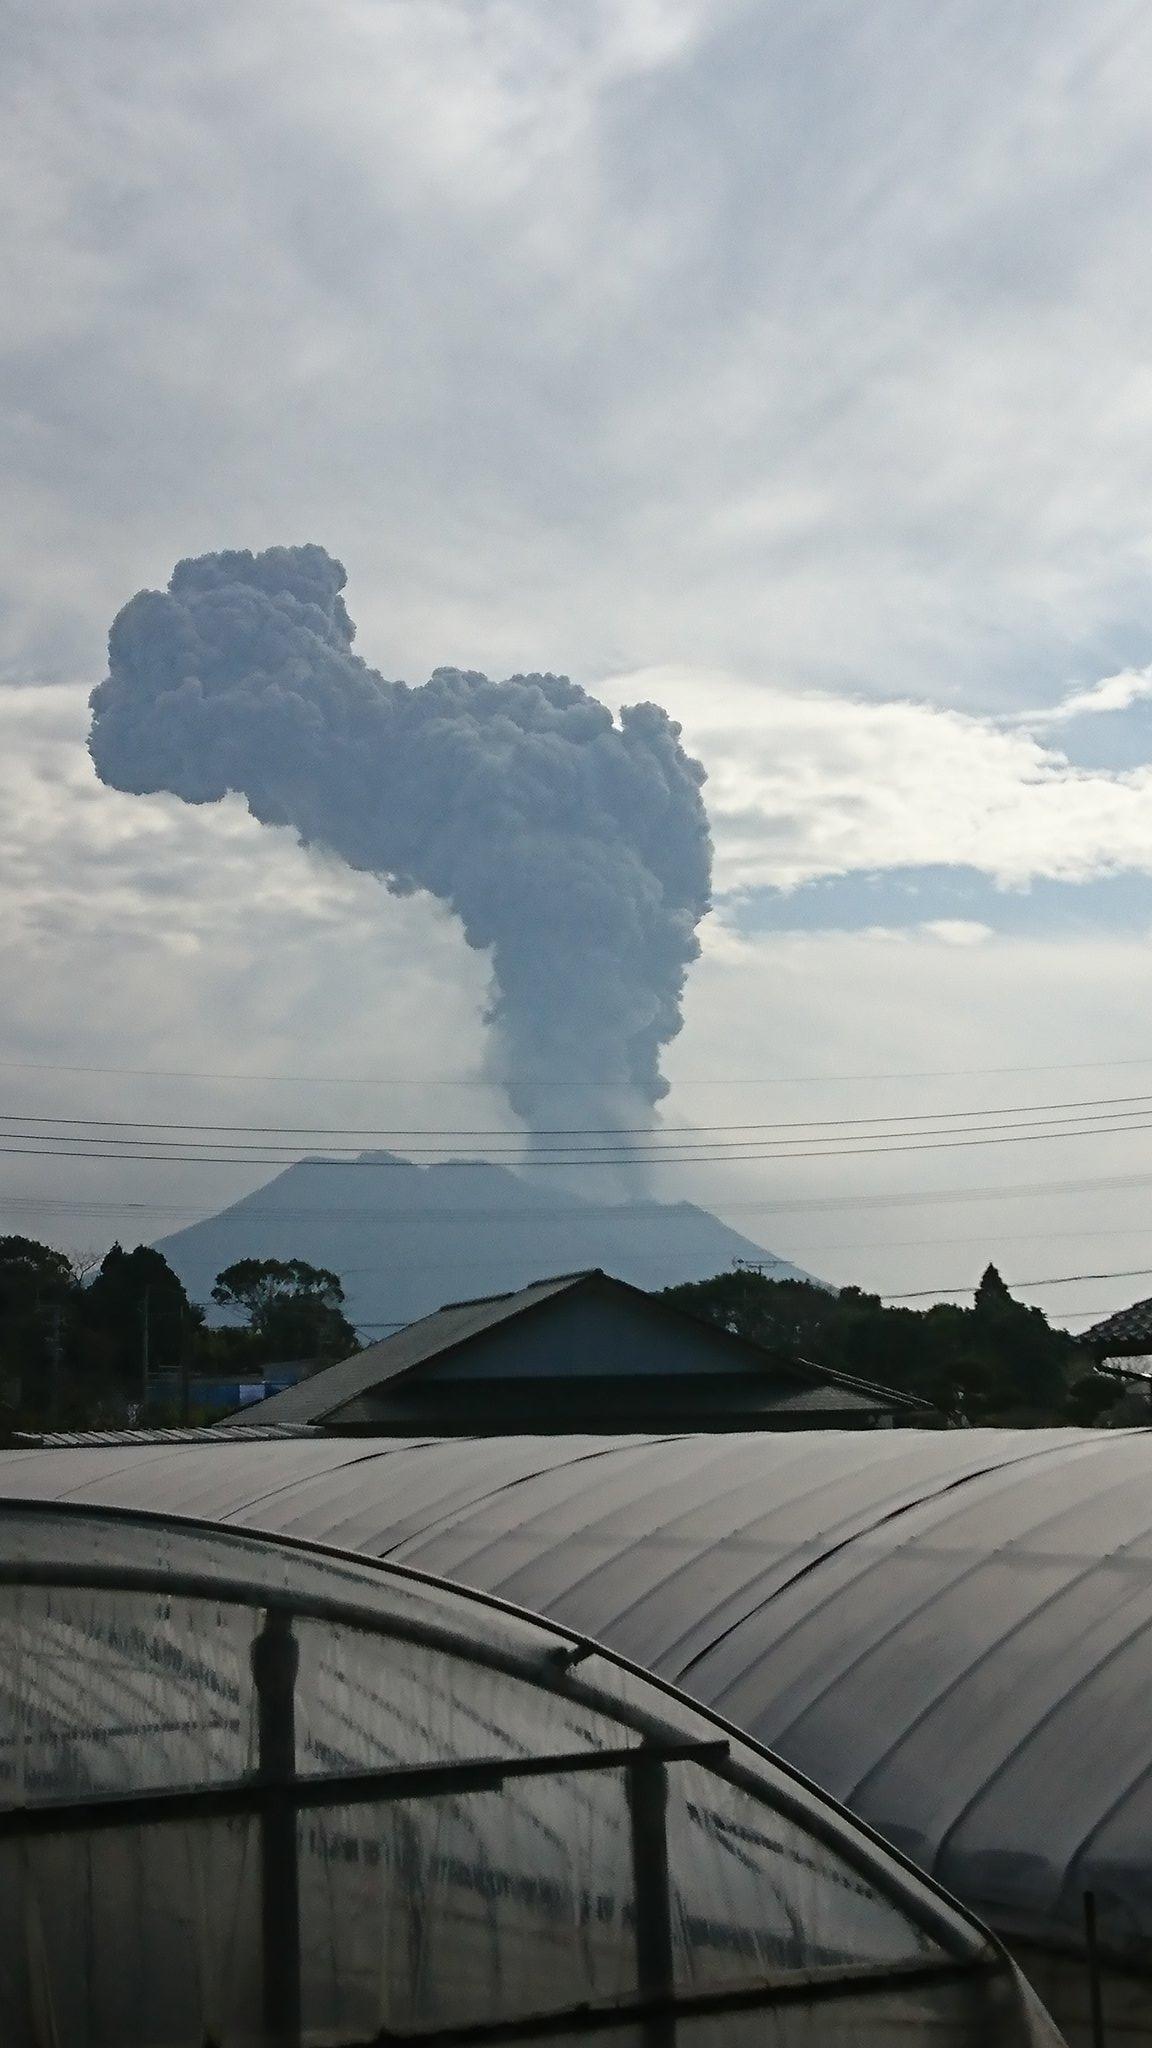 画像,揺れたと思ったら桜島だった。灰がすごそうだ#桜島#桜島噴火 https://t.co/7sFeYLc8Zo。